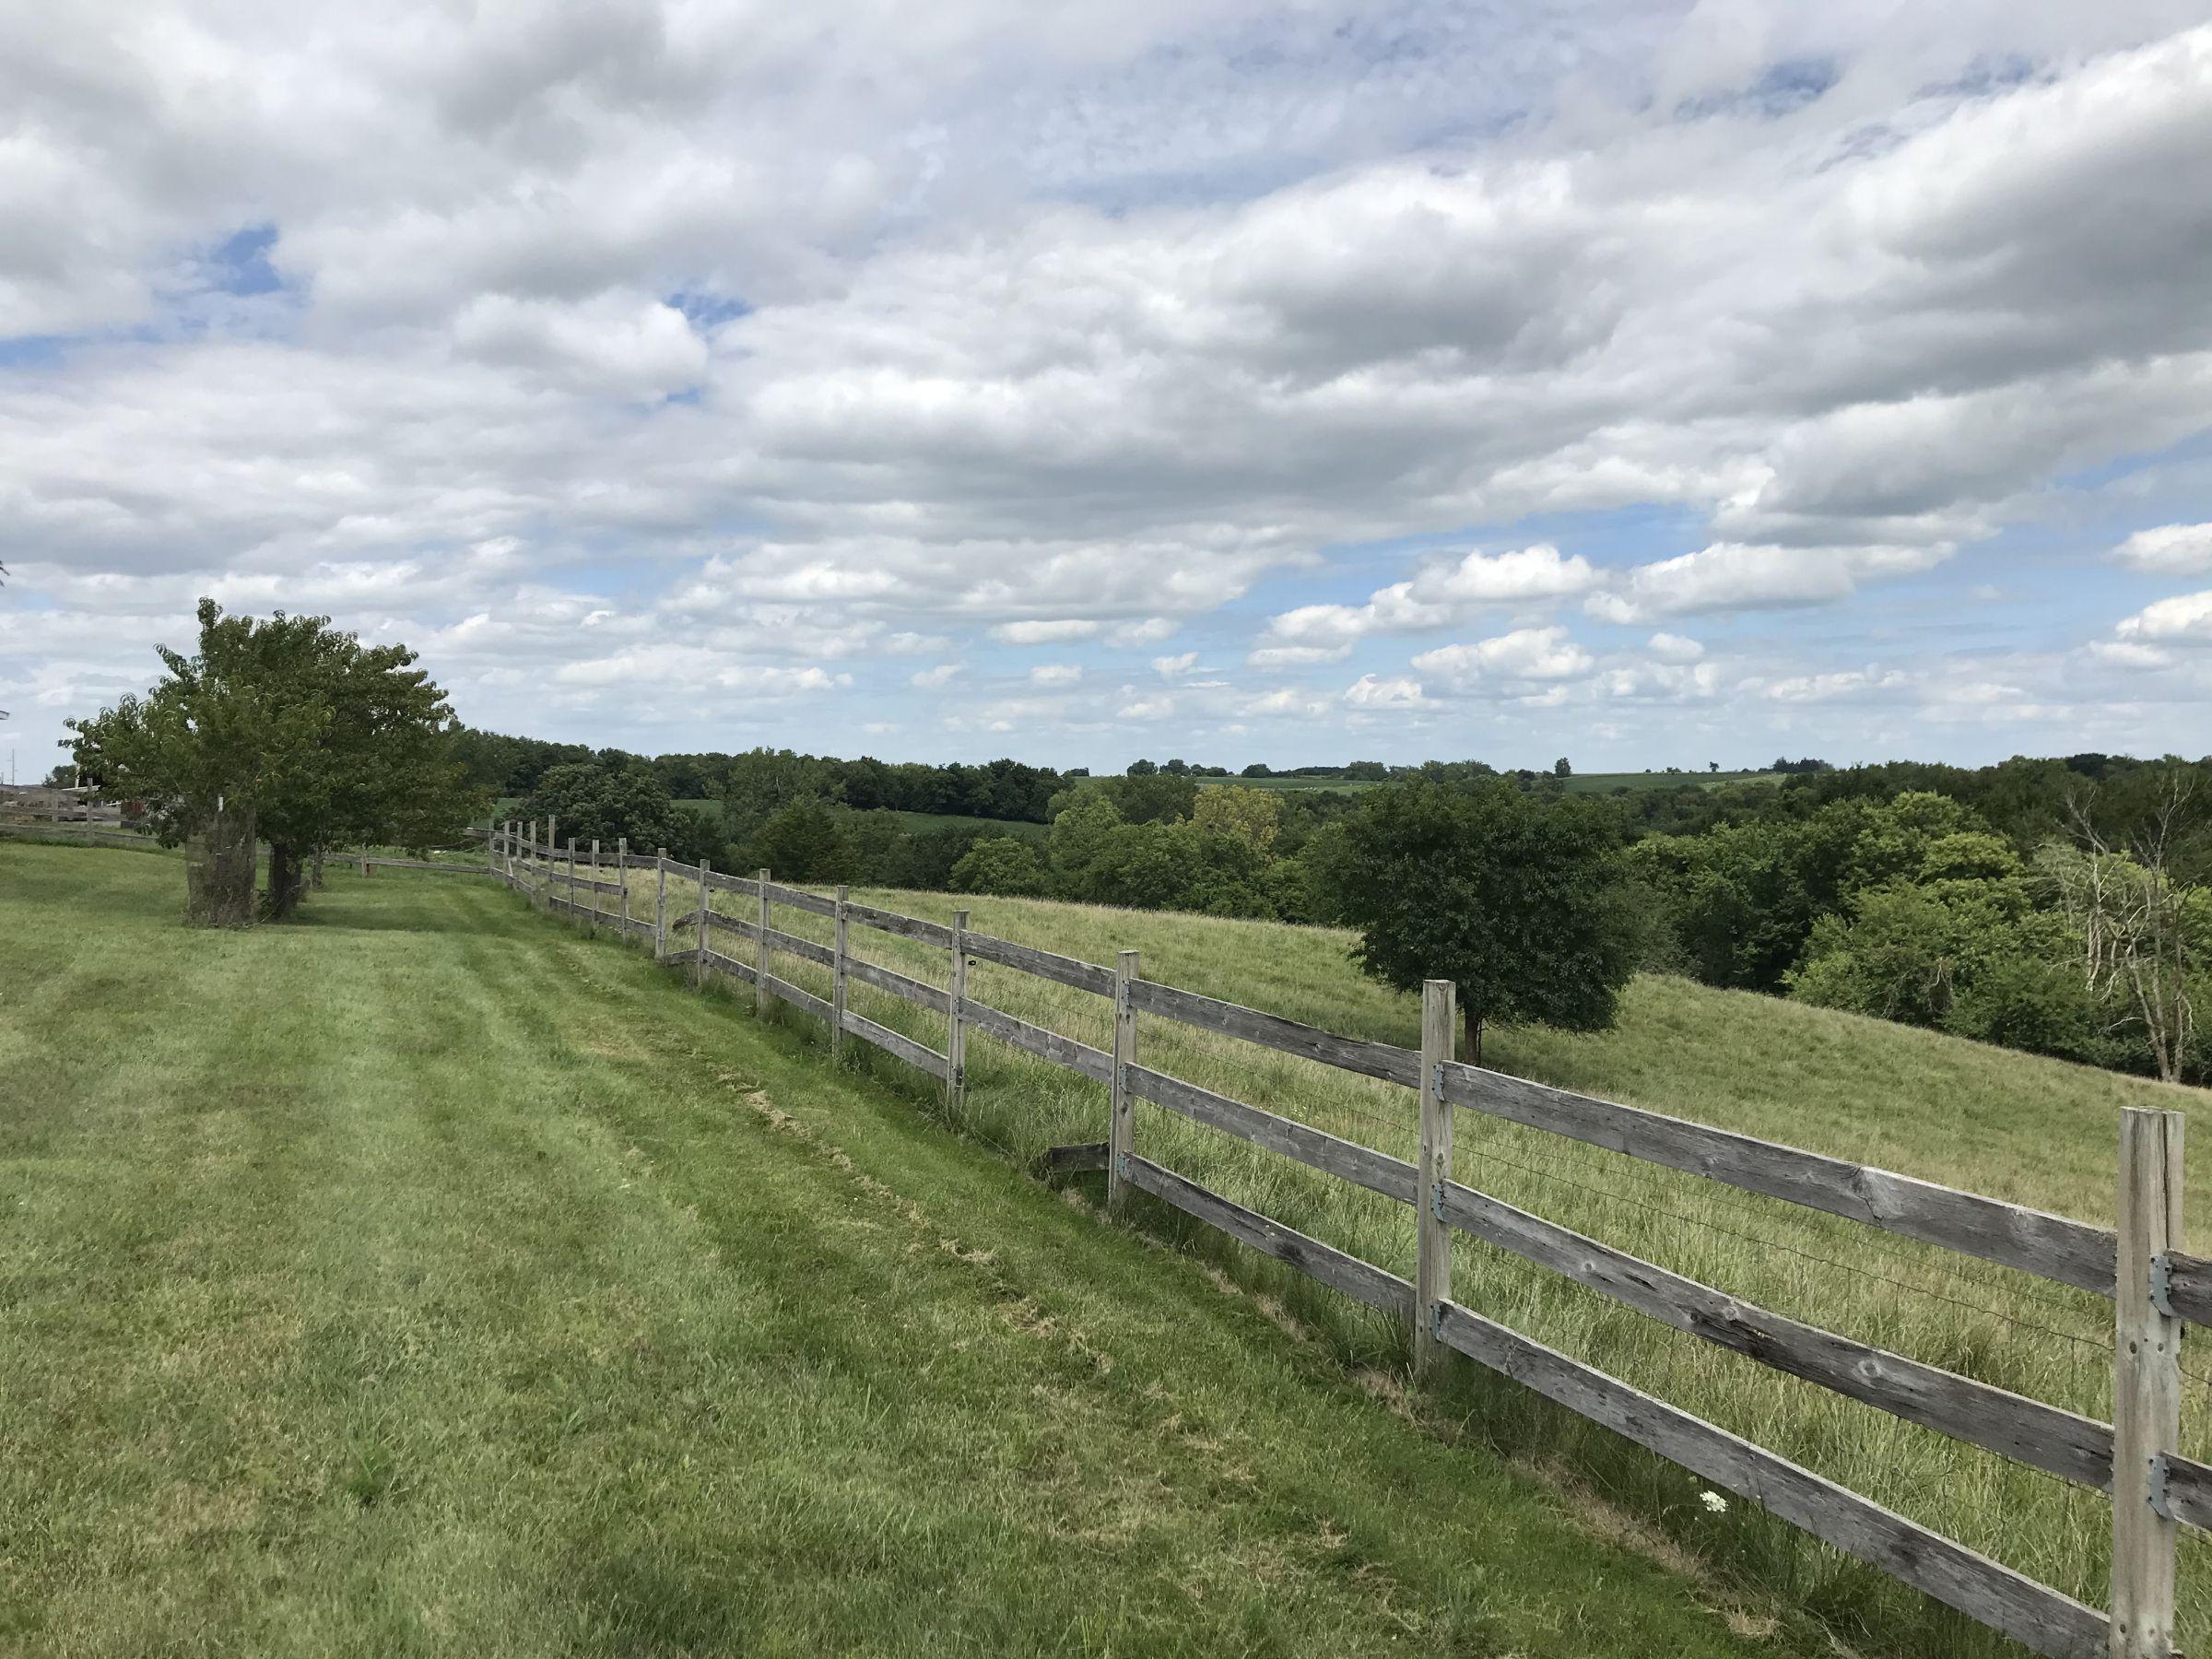 warren-county-iowa-0-acres-listing-number-15104-10-2020-08-05-204957.JPG